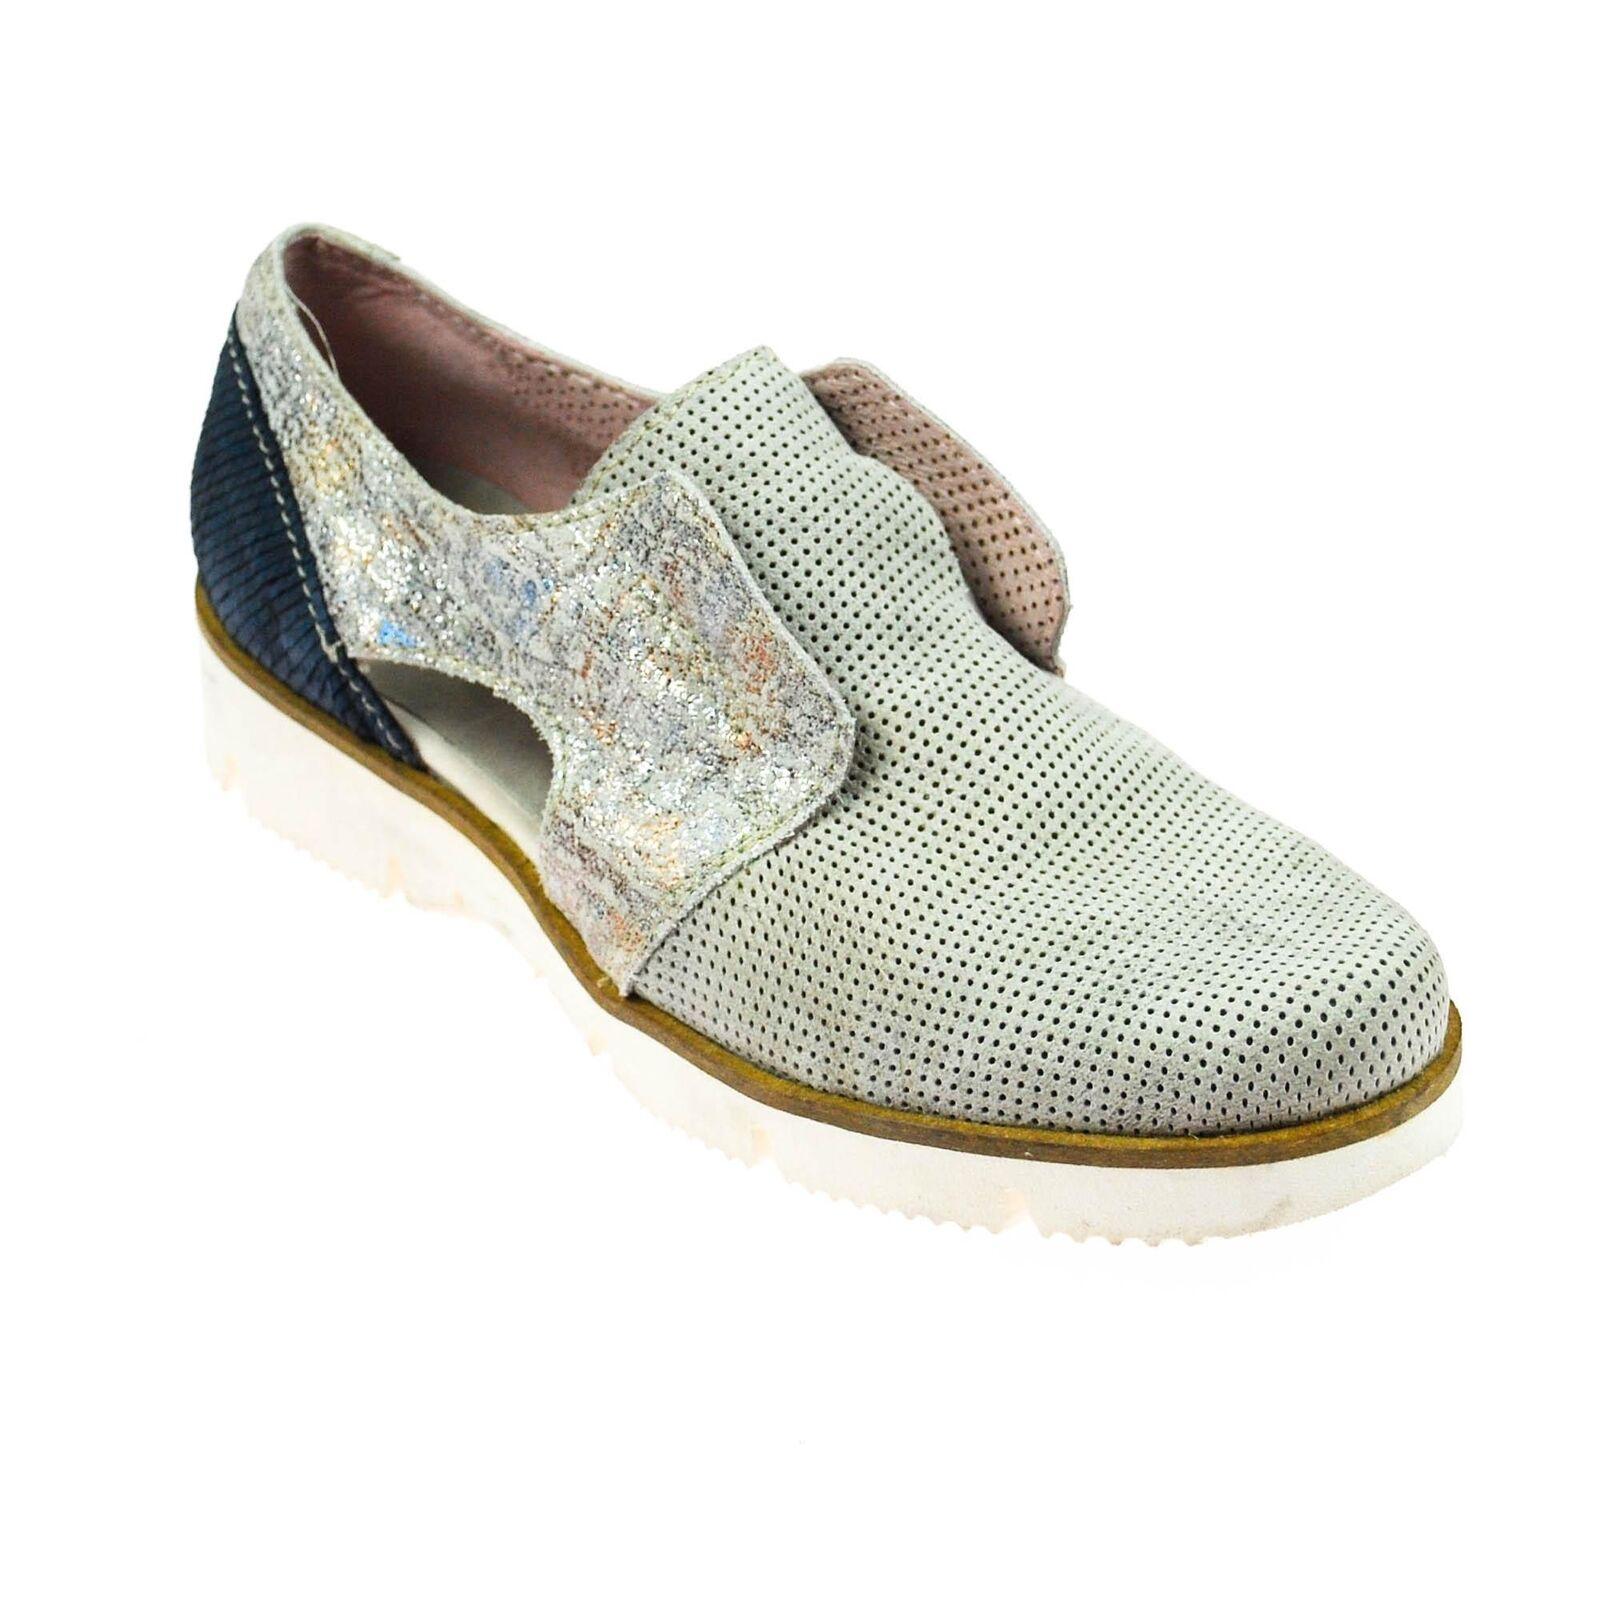 Charme Femmes Chaussure Cuir gris Bleu Lueur argent taille 37